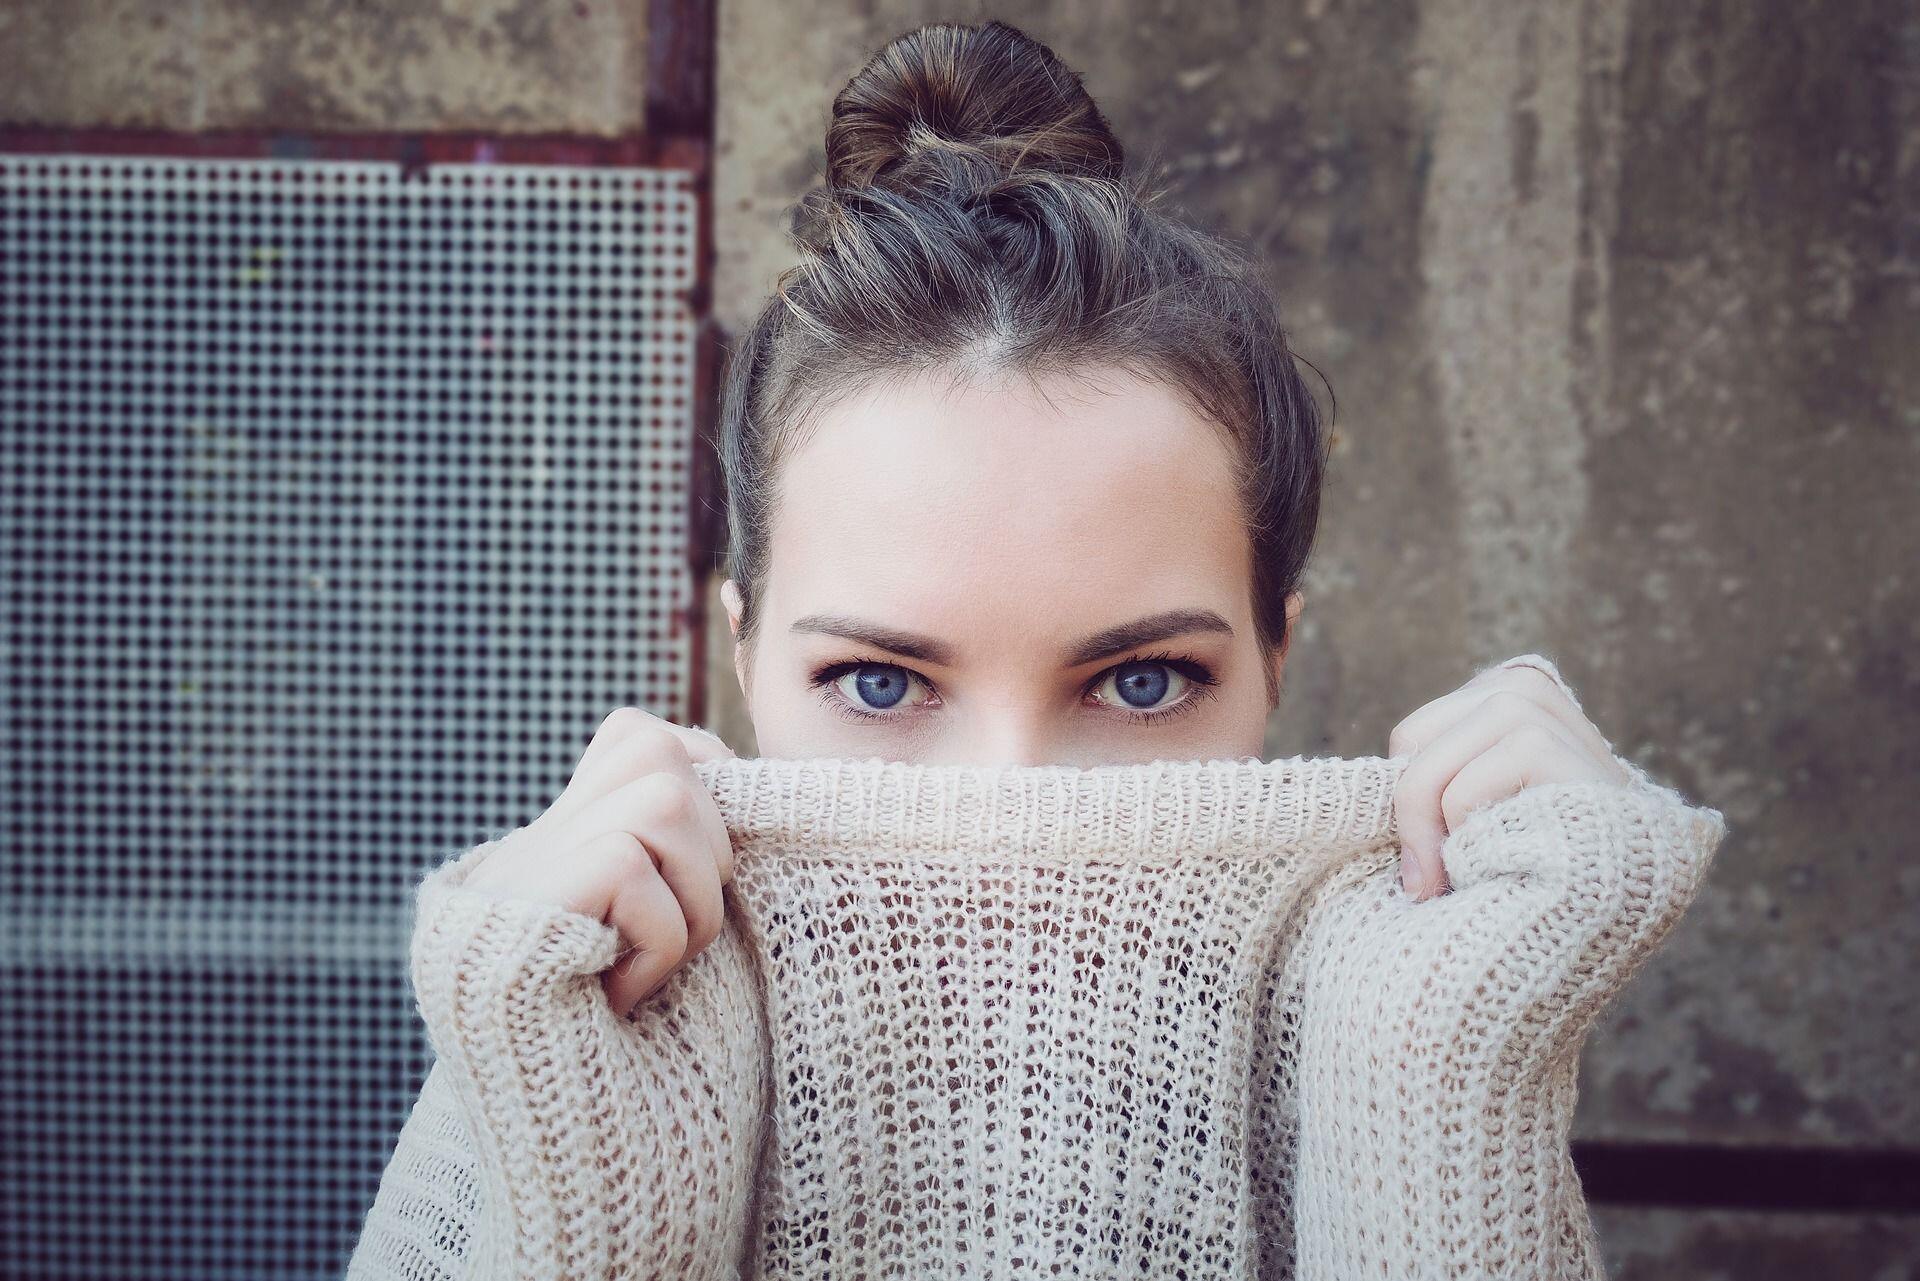 Girls, Inilah 6 Status Medsos yang Bisa Menjatuhkan Citra Baikmu!